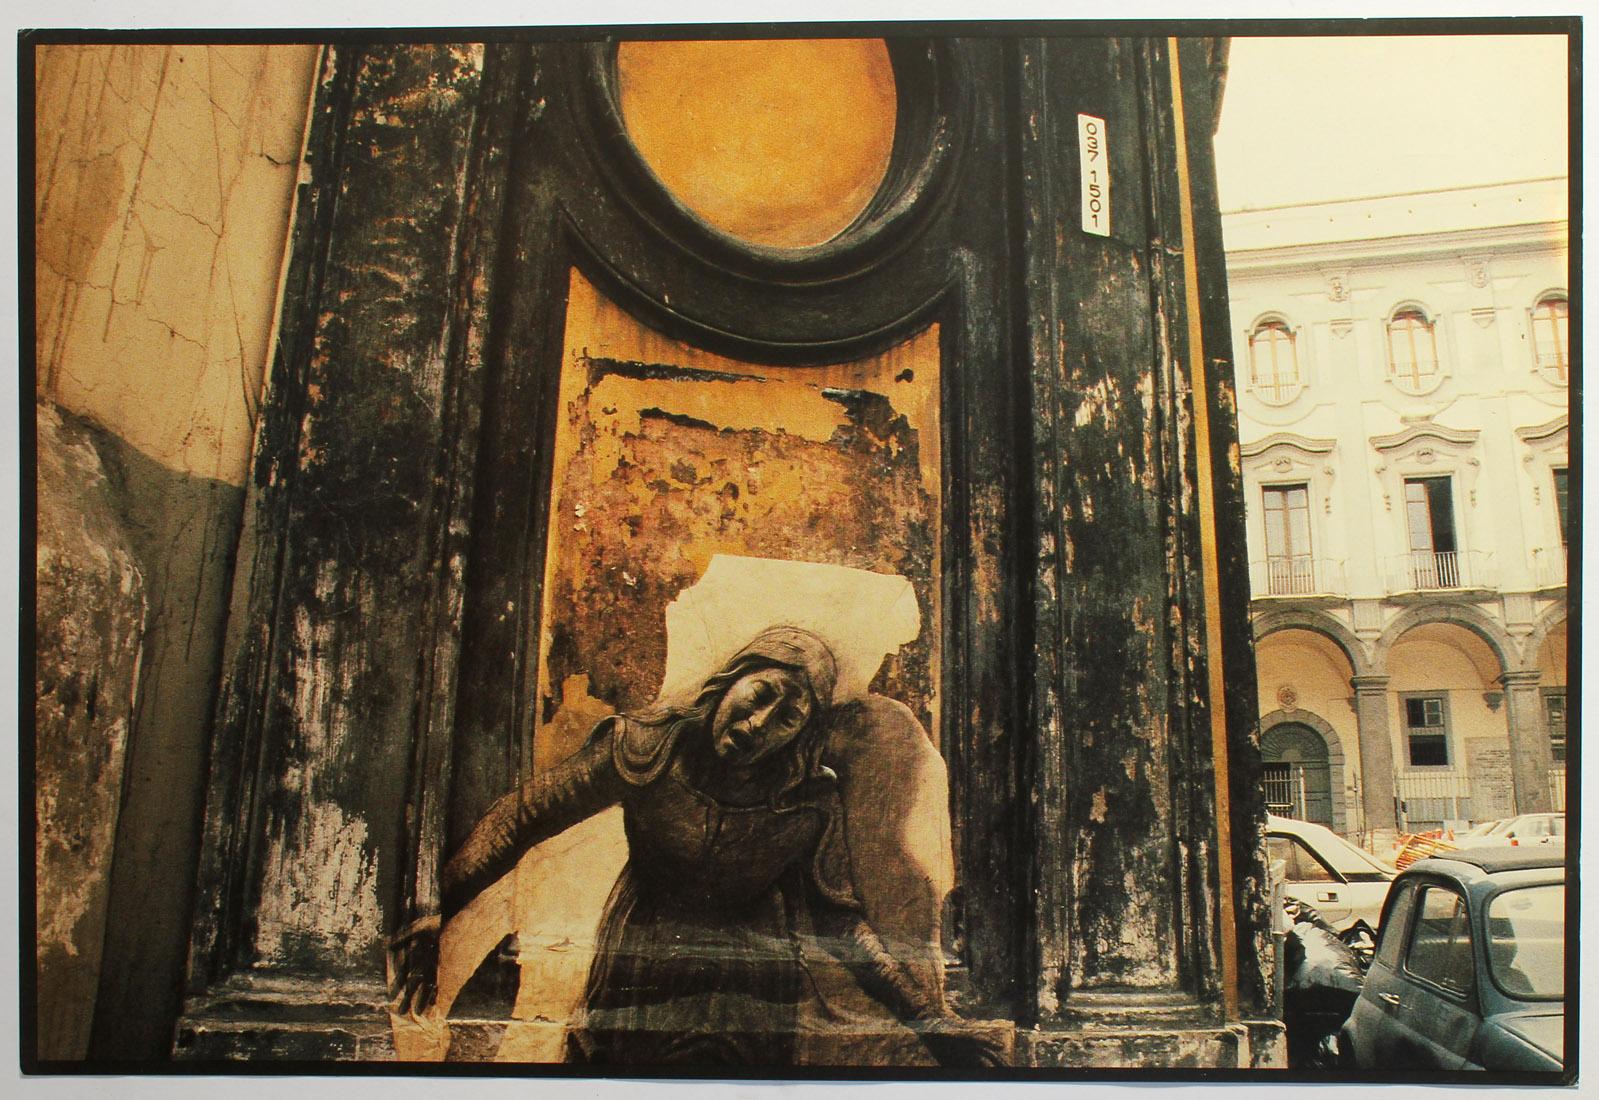 a7665c0da47 Rare recueil de ces somptueuses photographies documentant les installations  de Ernest Pignon-Ernest dans les rues de Naples. La première planche est  une ...